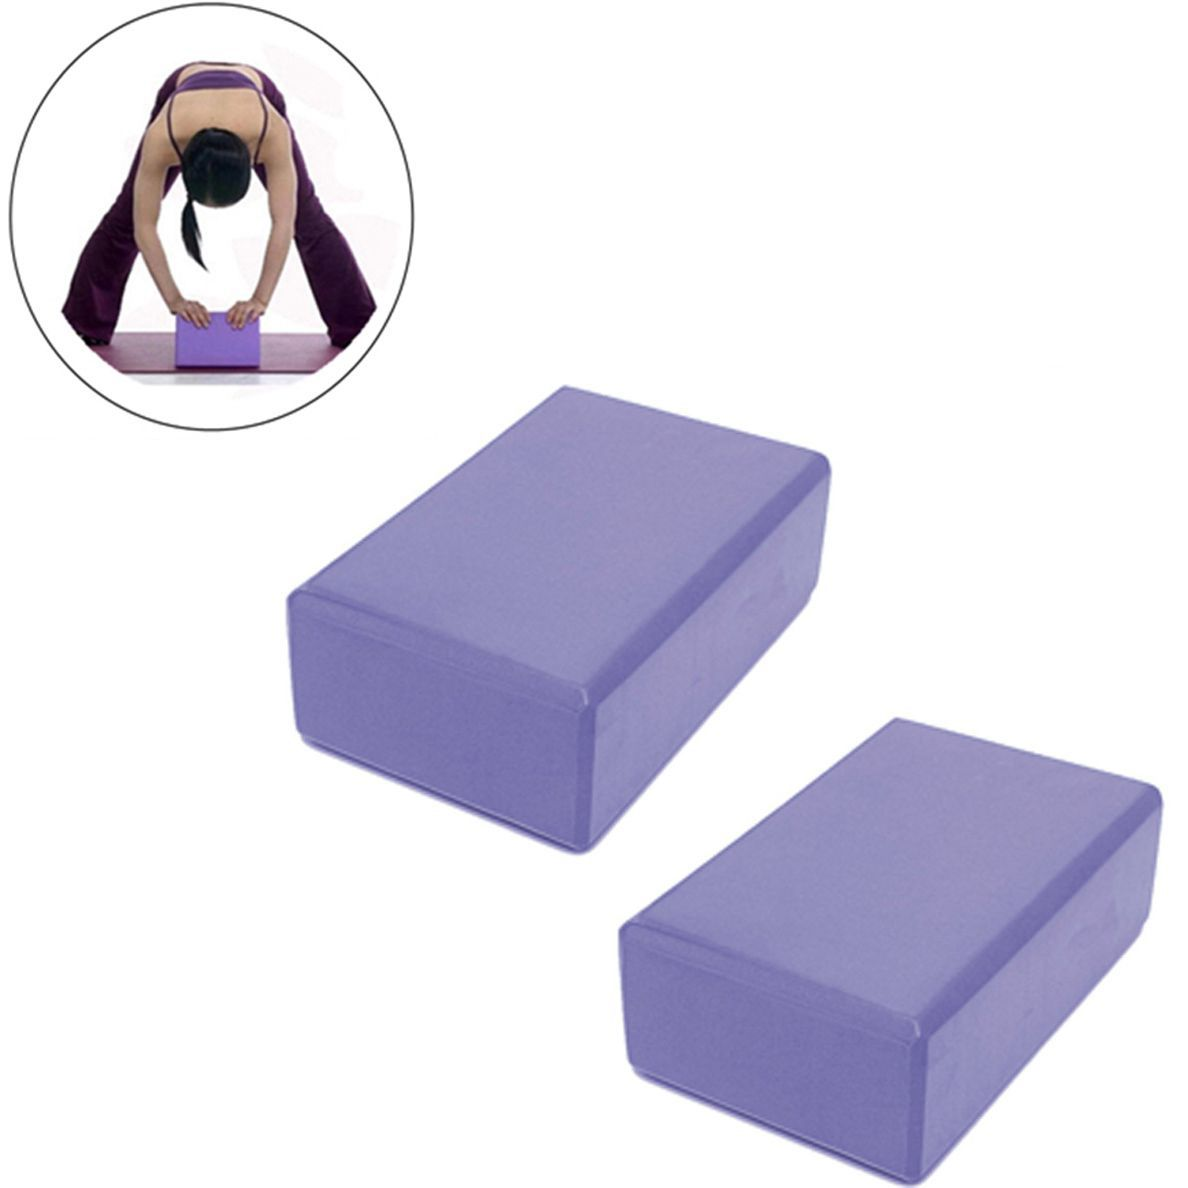 Blocos Pilates Yoga Eva Fitness Ginastica Treinamento Kit 2 Exercicio Roxo